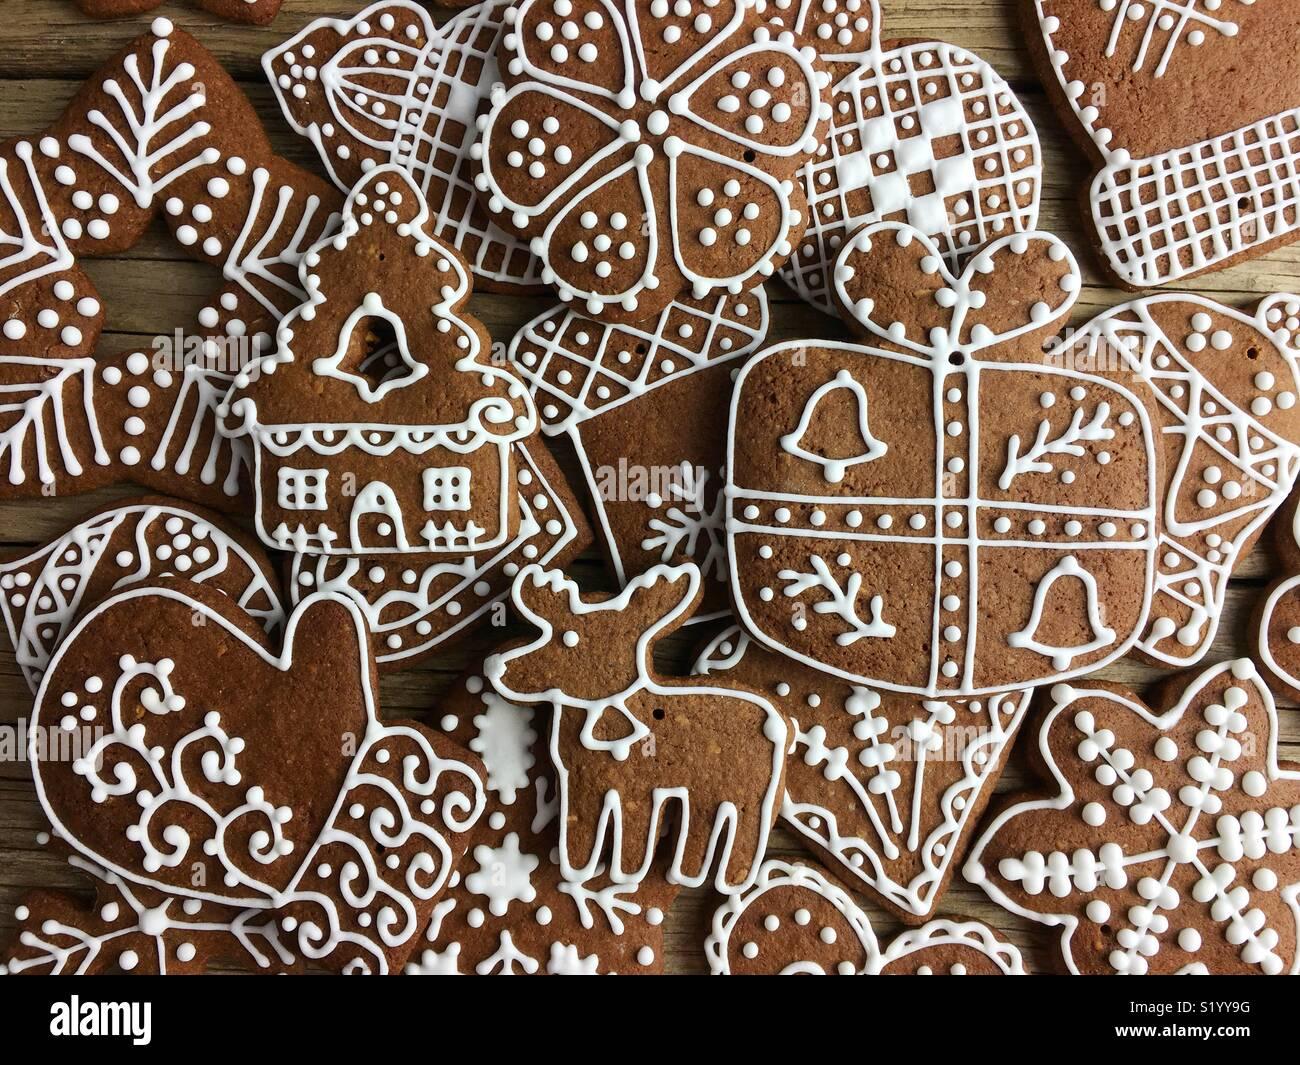 Le plein écran de Noël gingerbread cookies sur une table en bois Photo Stock